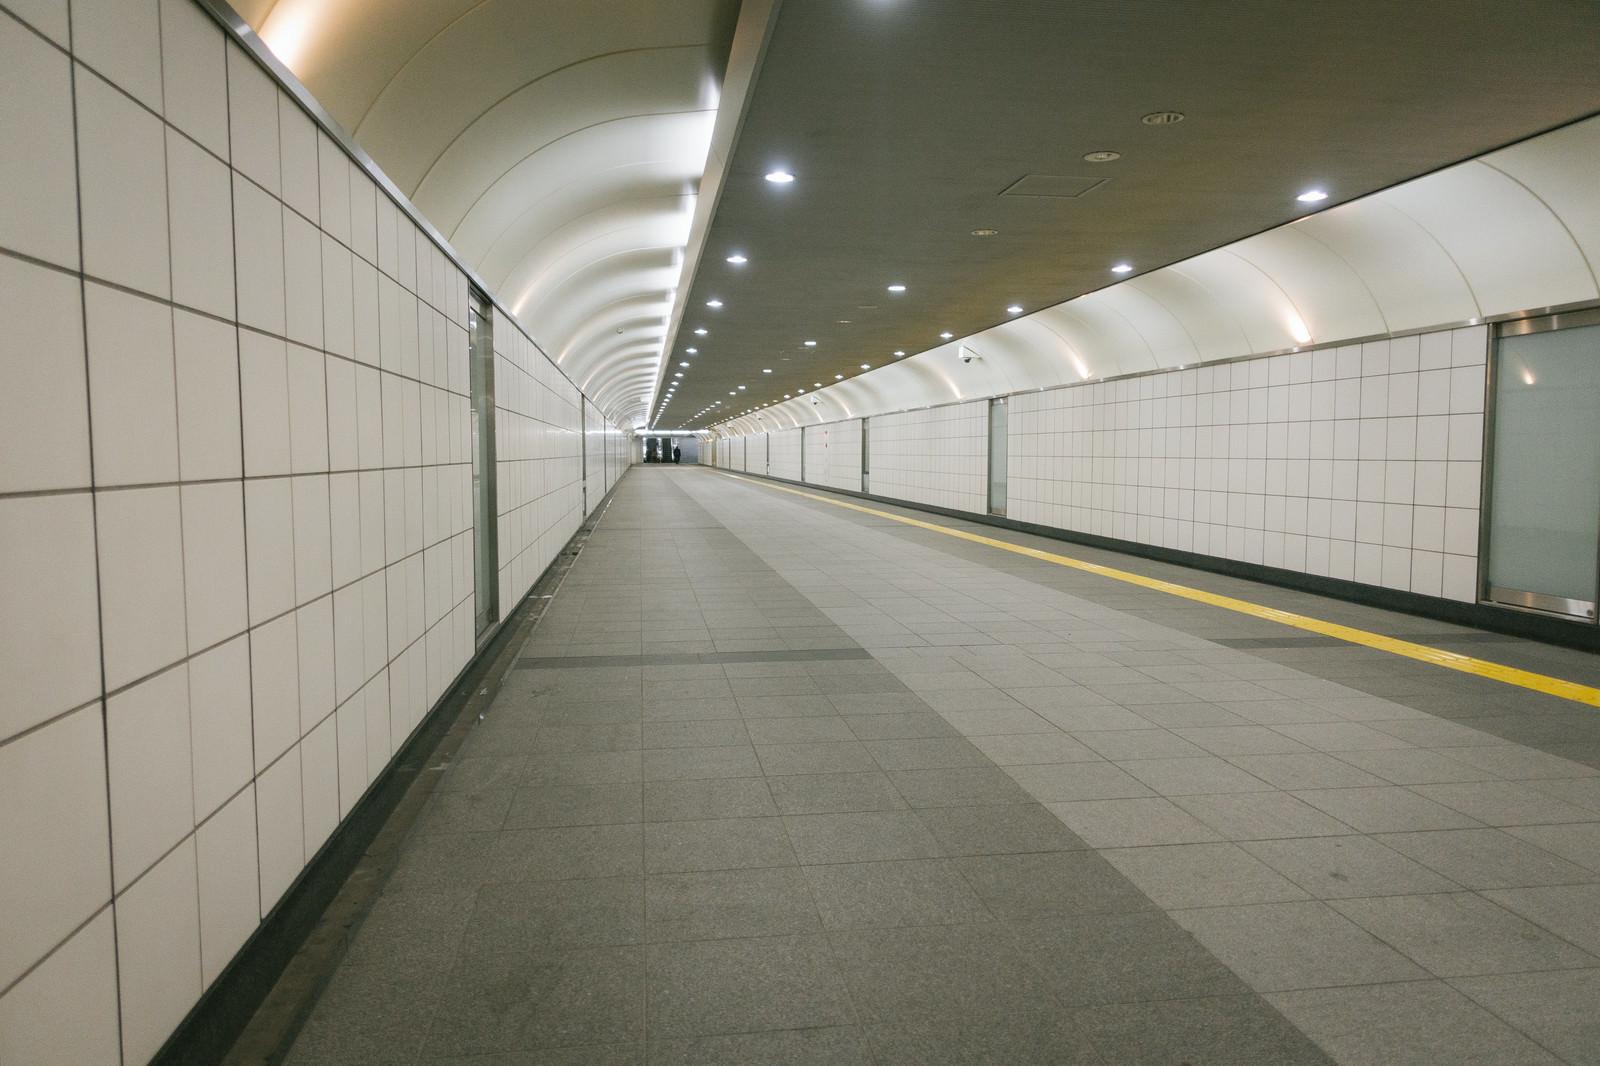 「新宿三丁目駅構内E10出口に向かう通路」の写真